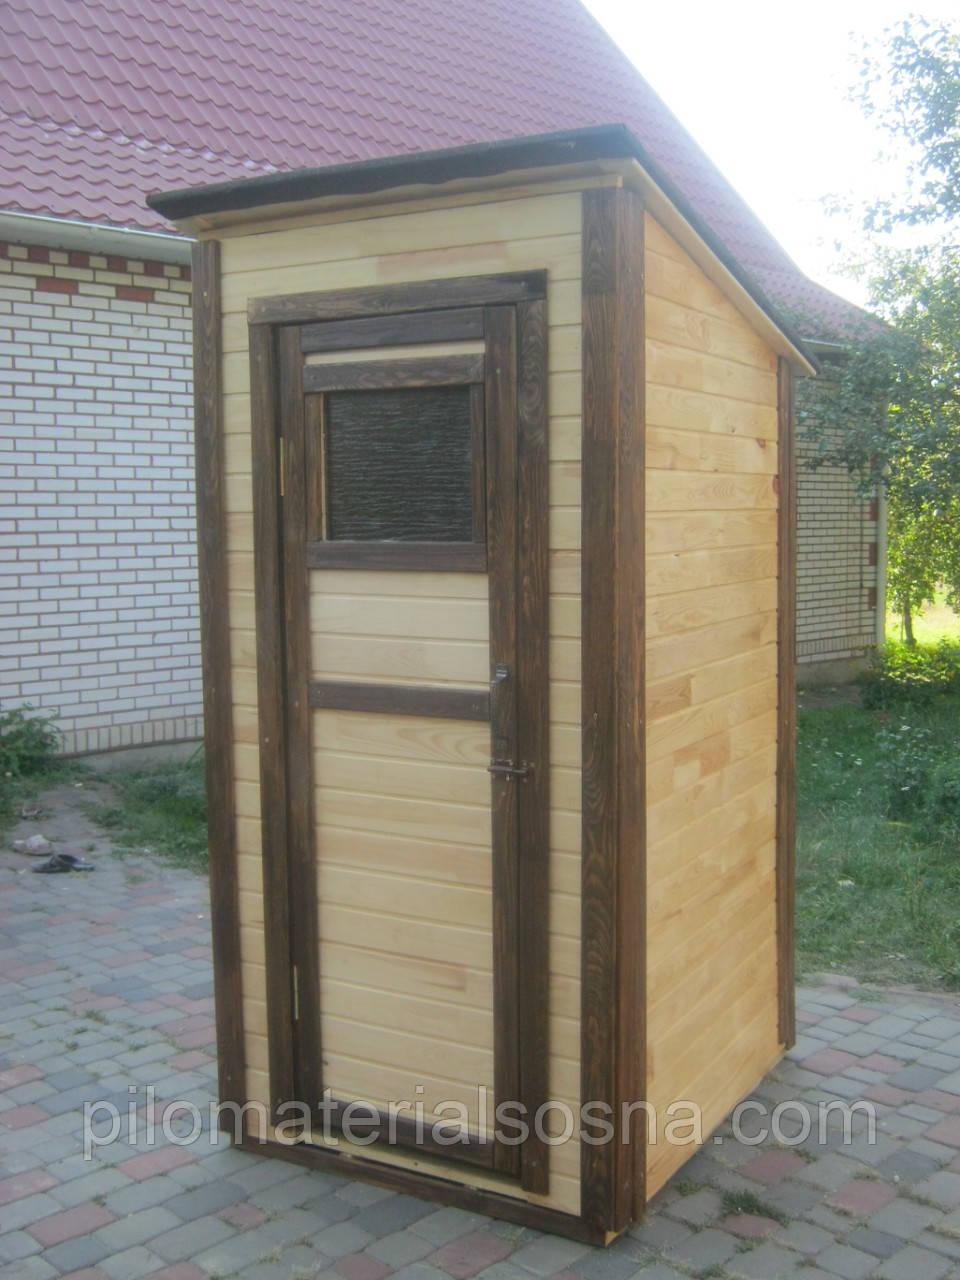 Тулет дачный. Деревянный туалет с односкатной крышей